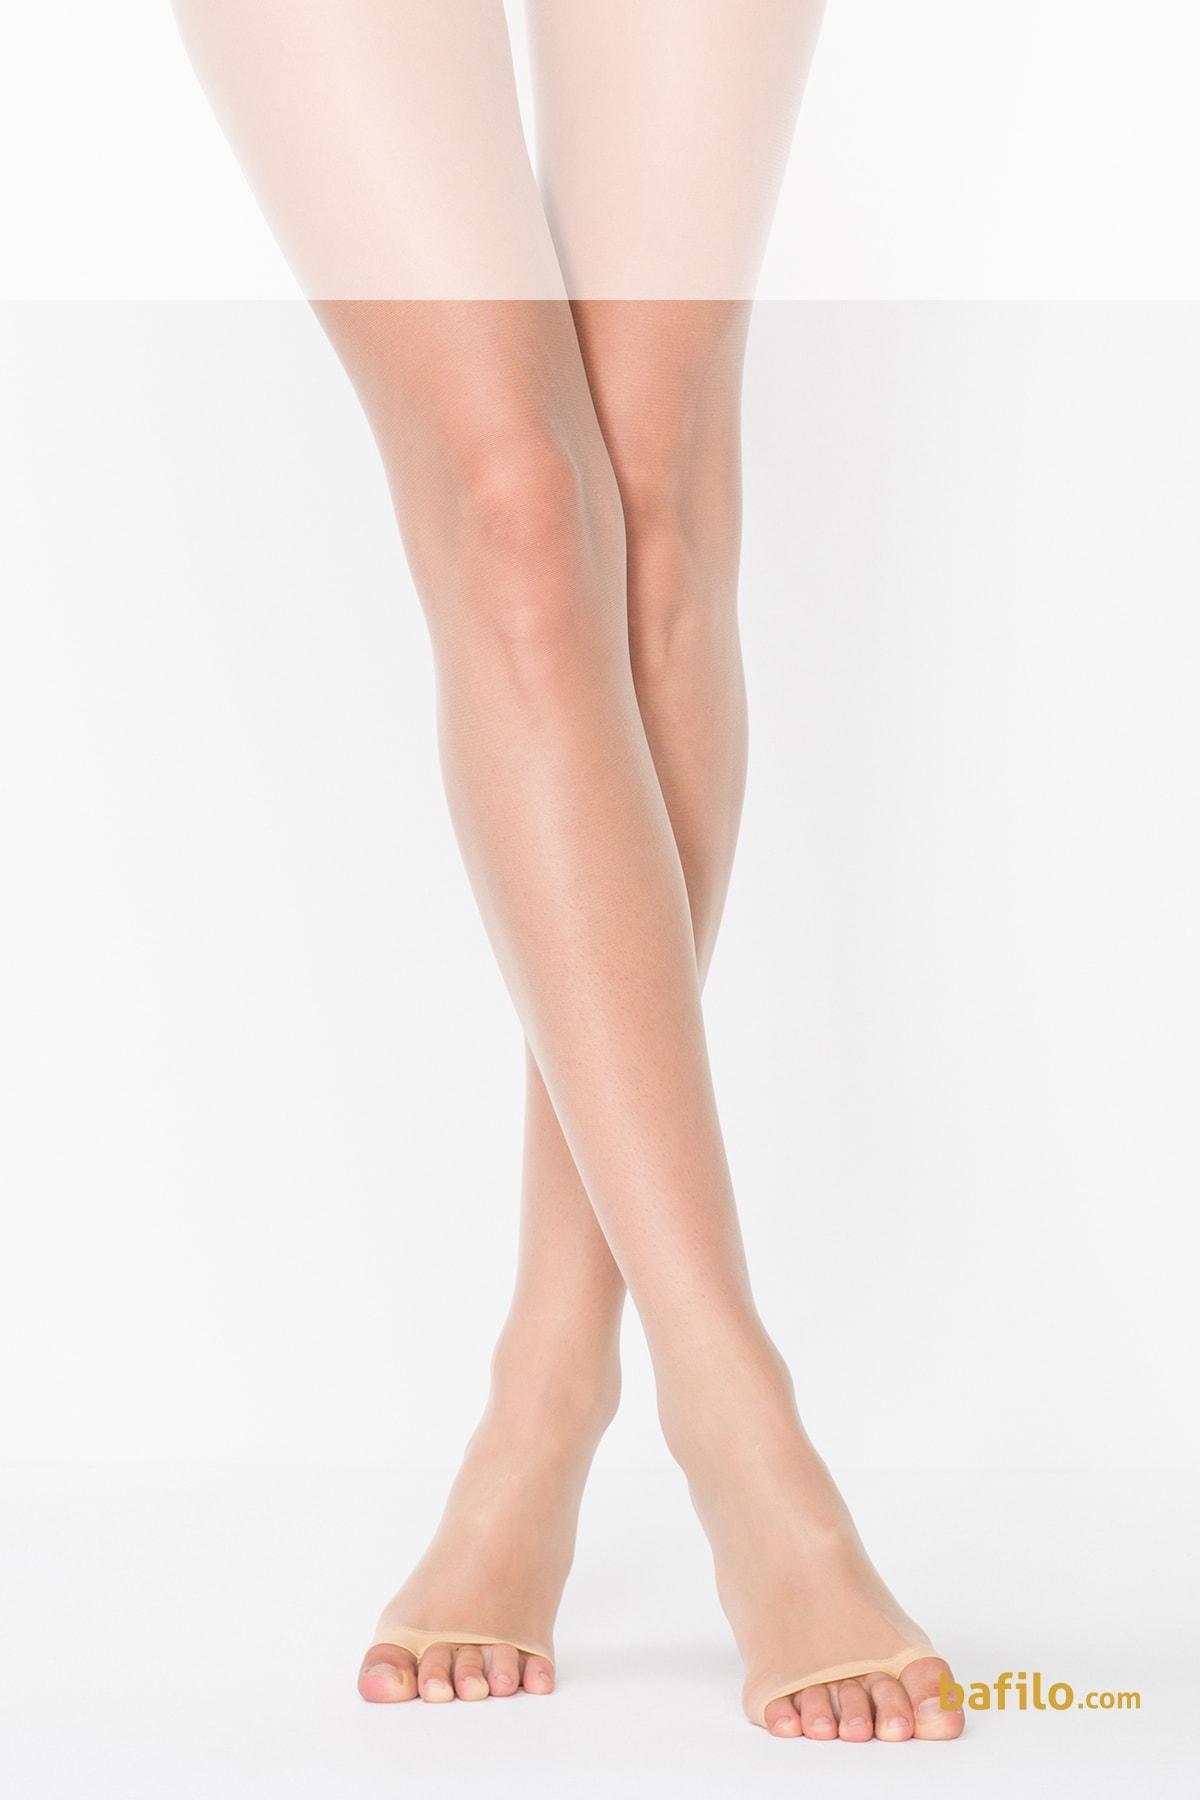 پنتی | Penti - جوراب شلواری دکلته پنتی Dekolte Parmaksiz 10 - رنگ بدن روشن